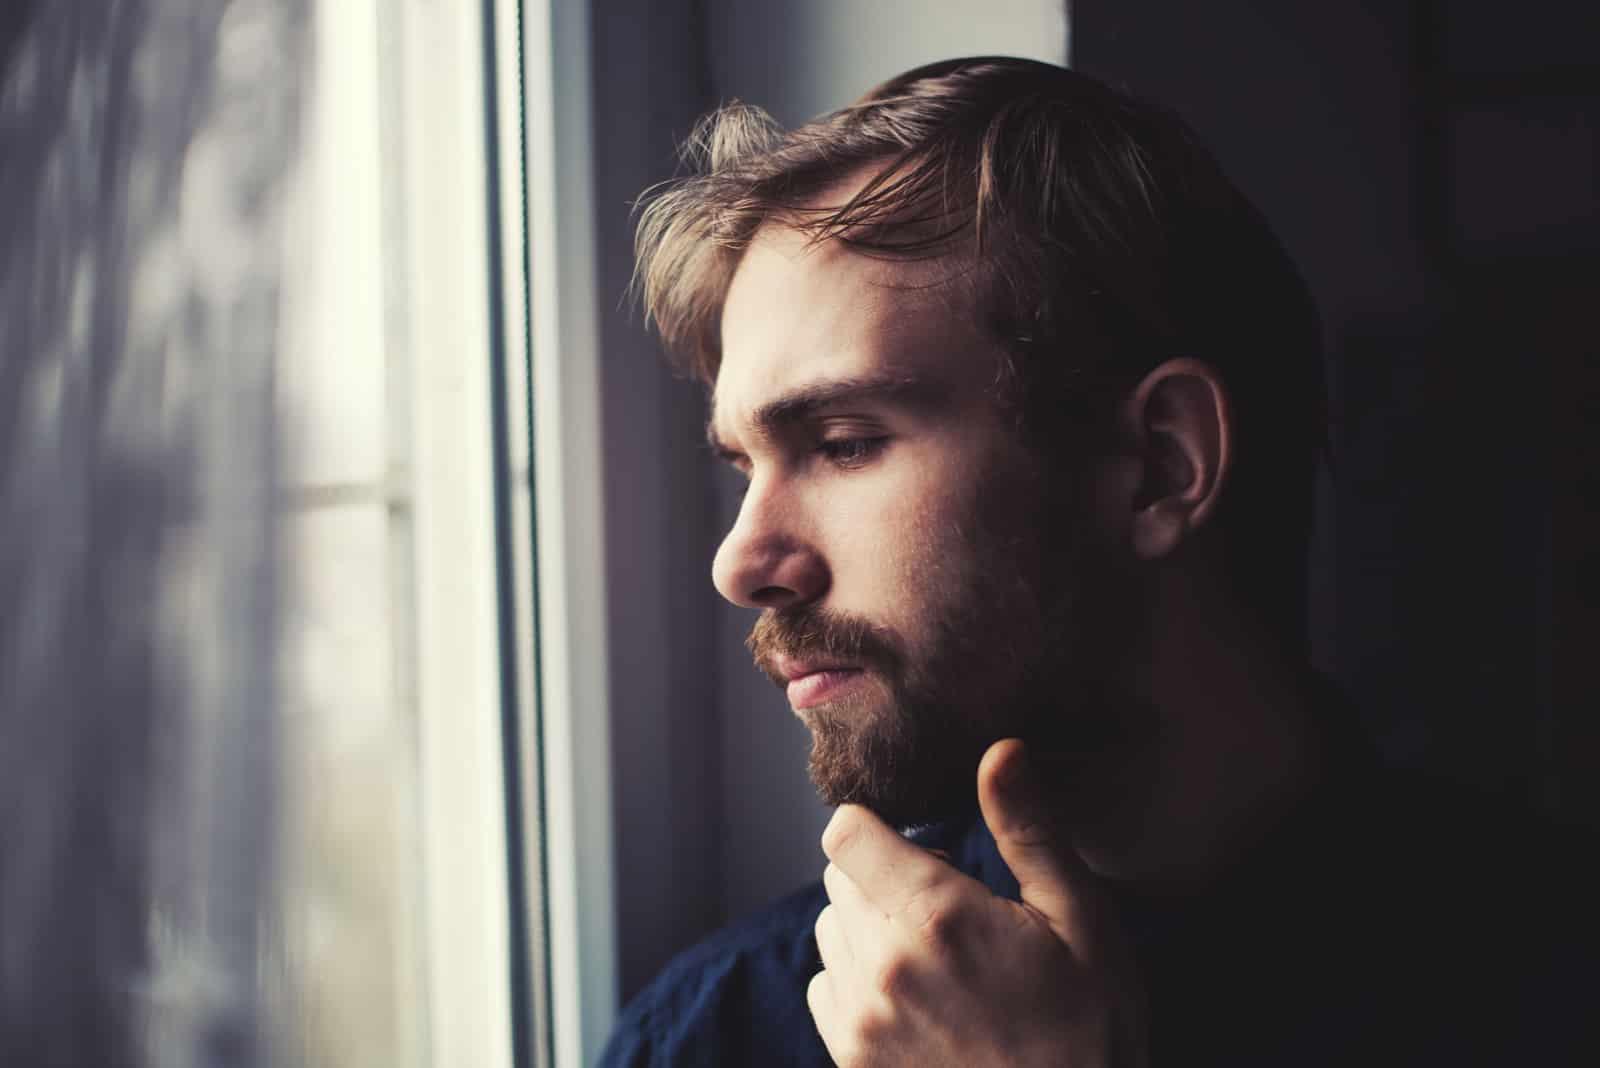 jeune homme regardant à travers une fenêtre